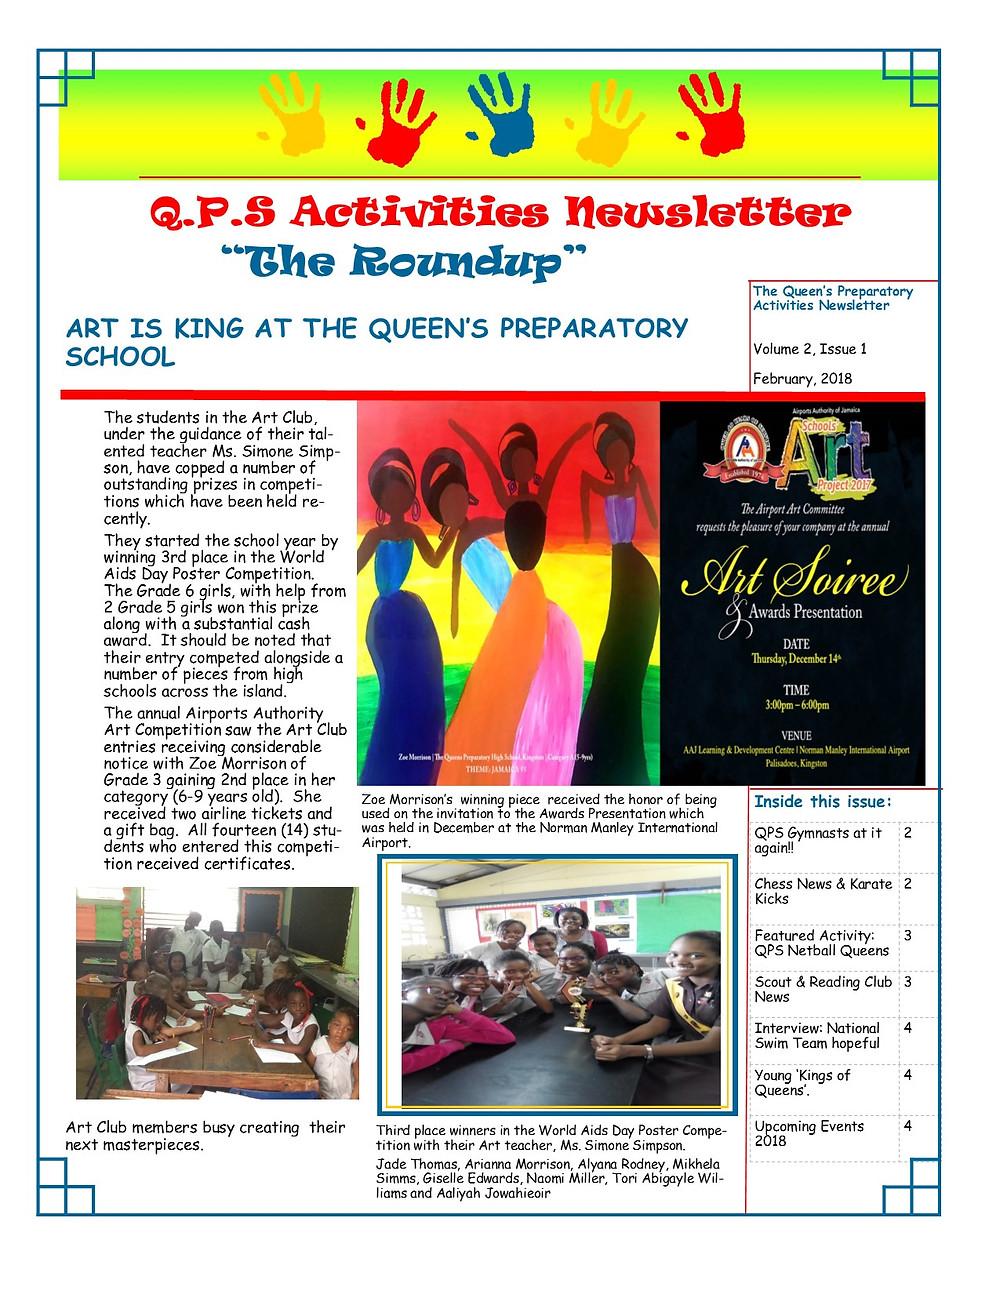 Queen's Prep School, the best preparatory school in Kingston Jamaica